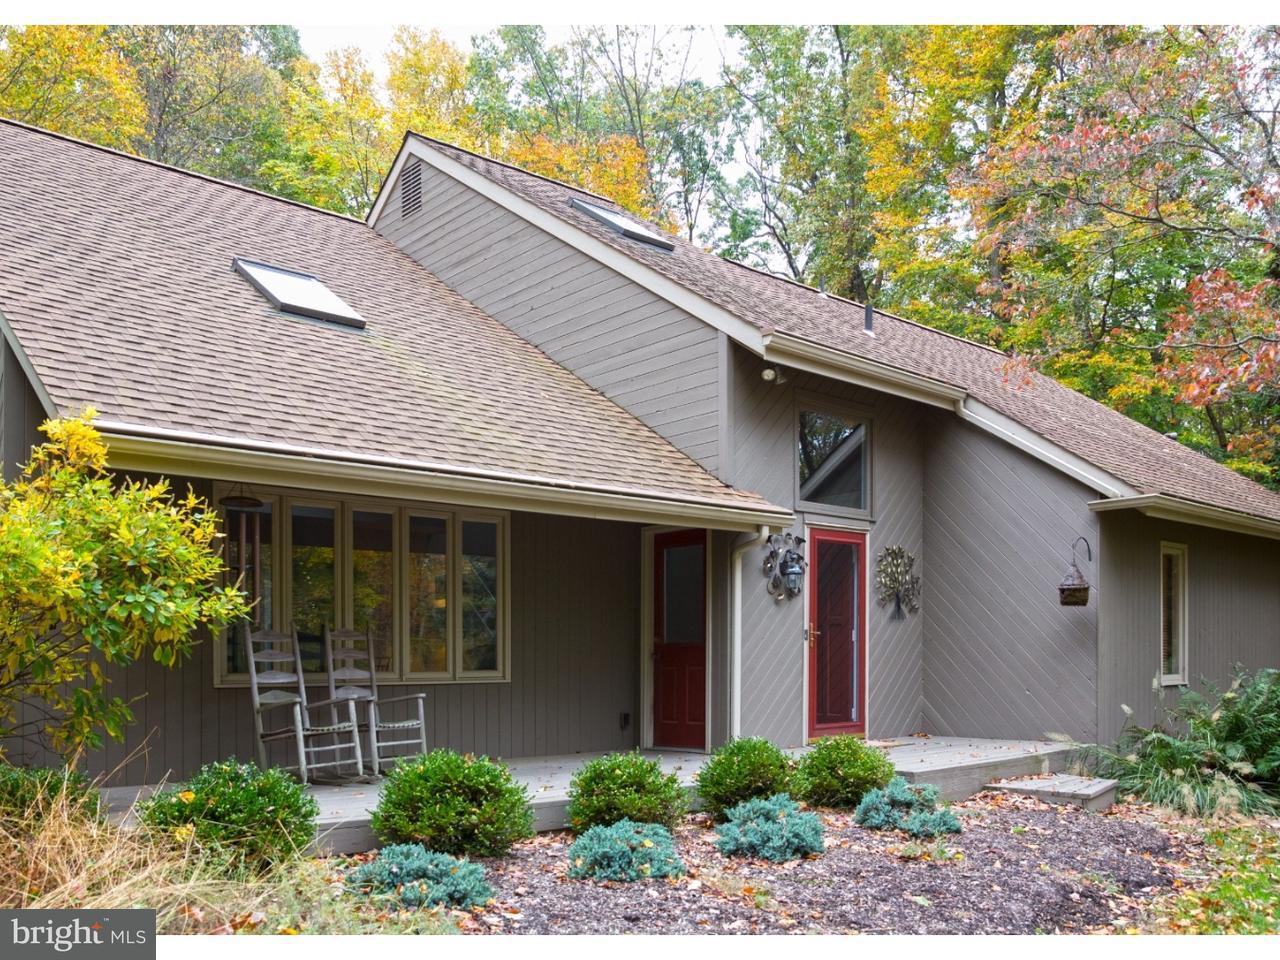 Maison unifamiliale pour l à louer à 6026 HIDDEN VALLEY Drive Doylestown, Pennsylvanie 18902 États-UnisDans/Autour: Solebury Township